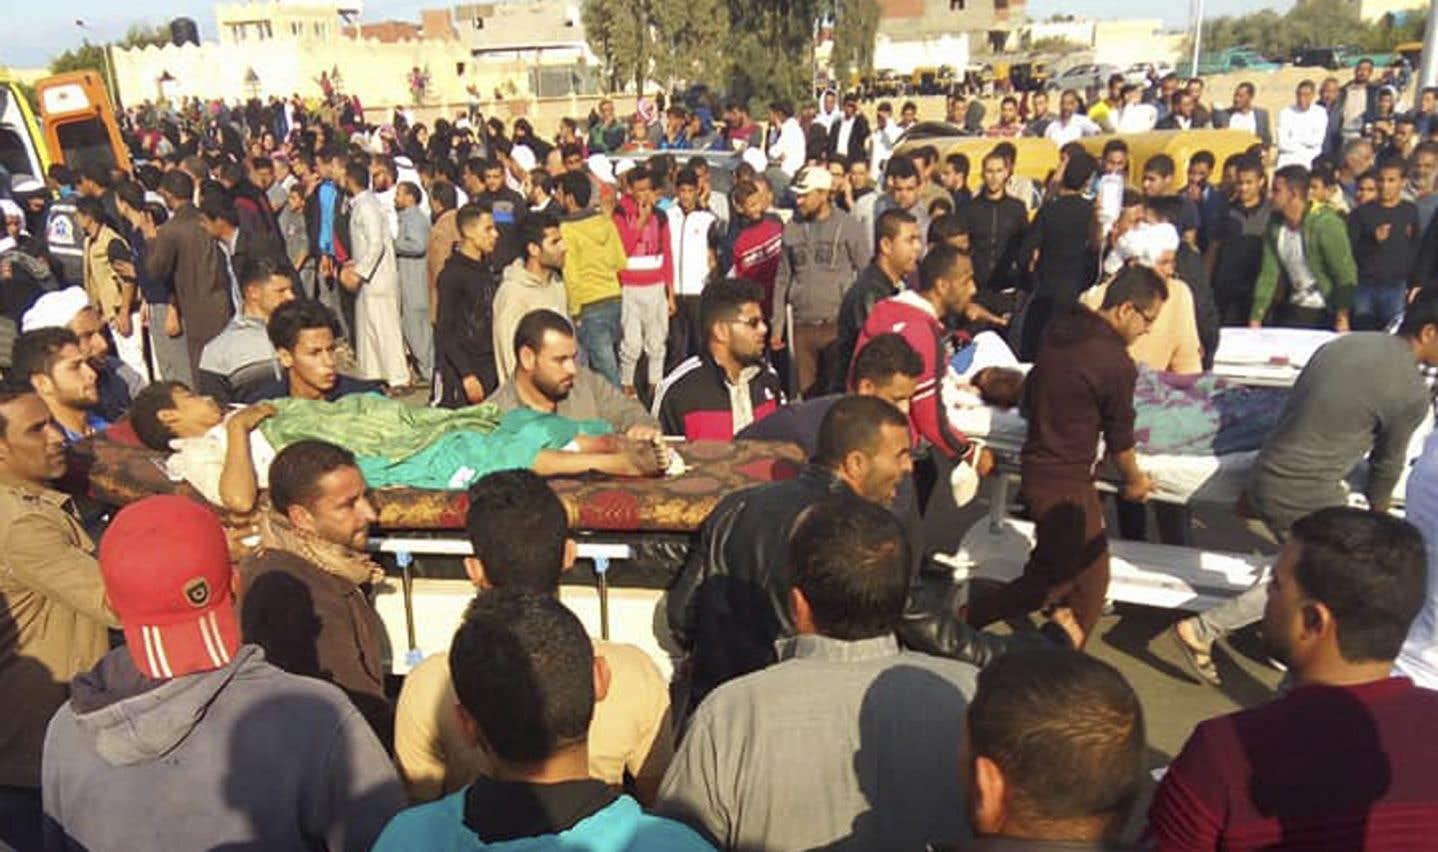 Des personnes blessées dans l'attaque sont évacuées de la mosquée, vendredi.